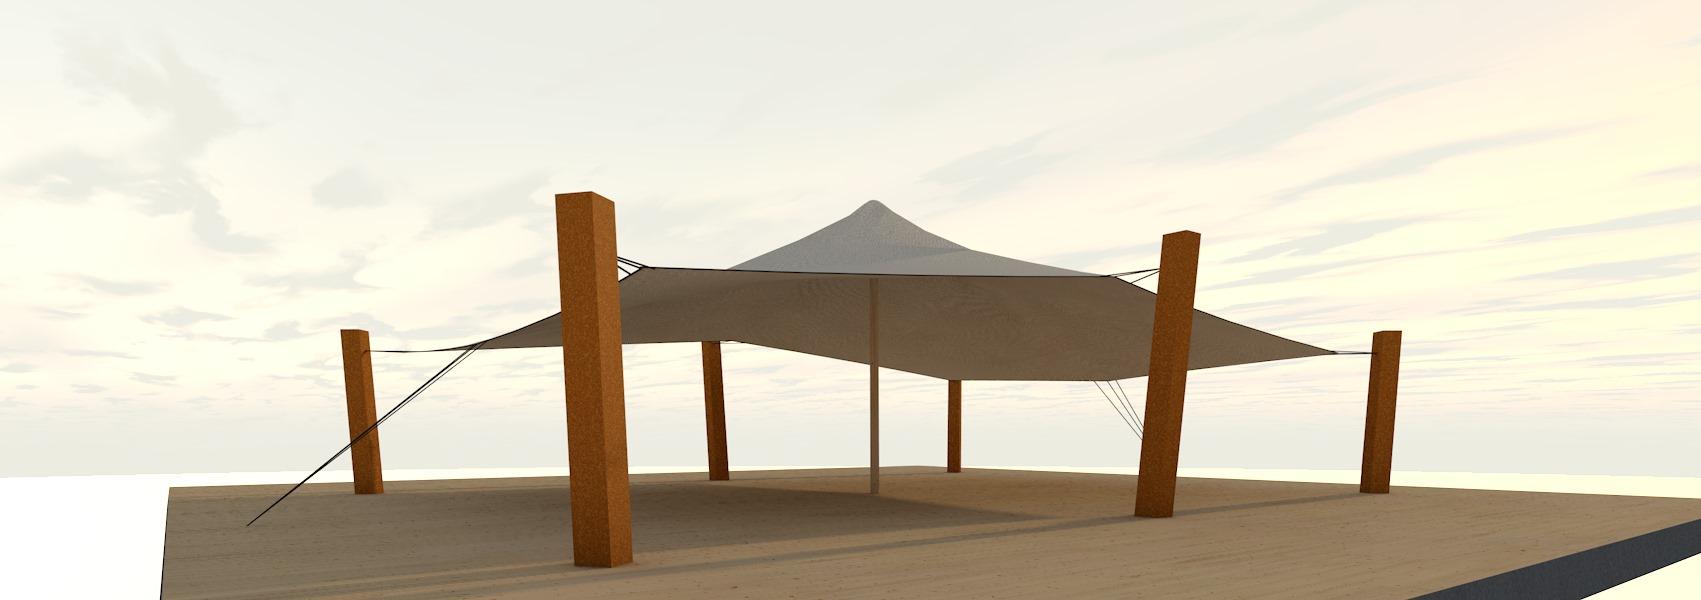 tenda rettangolare